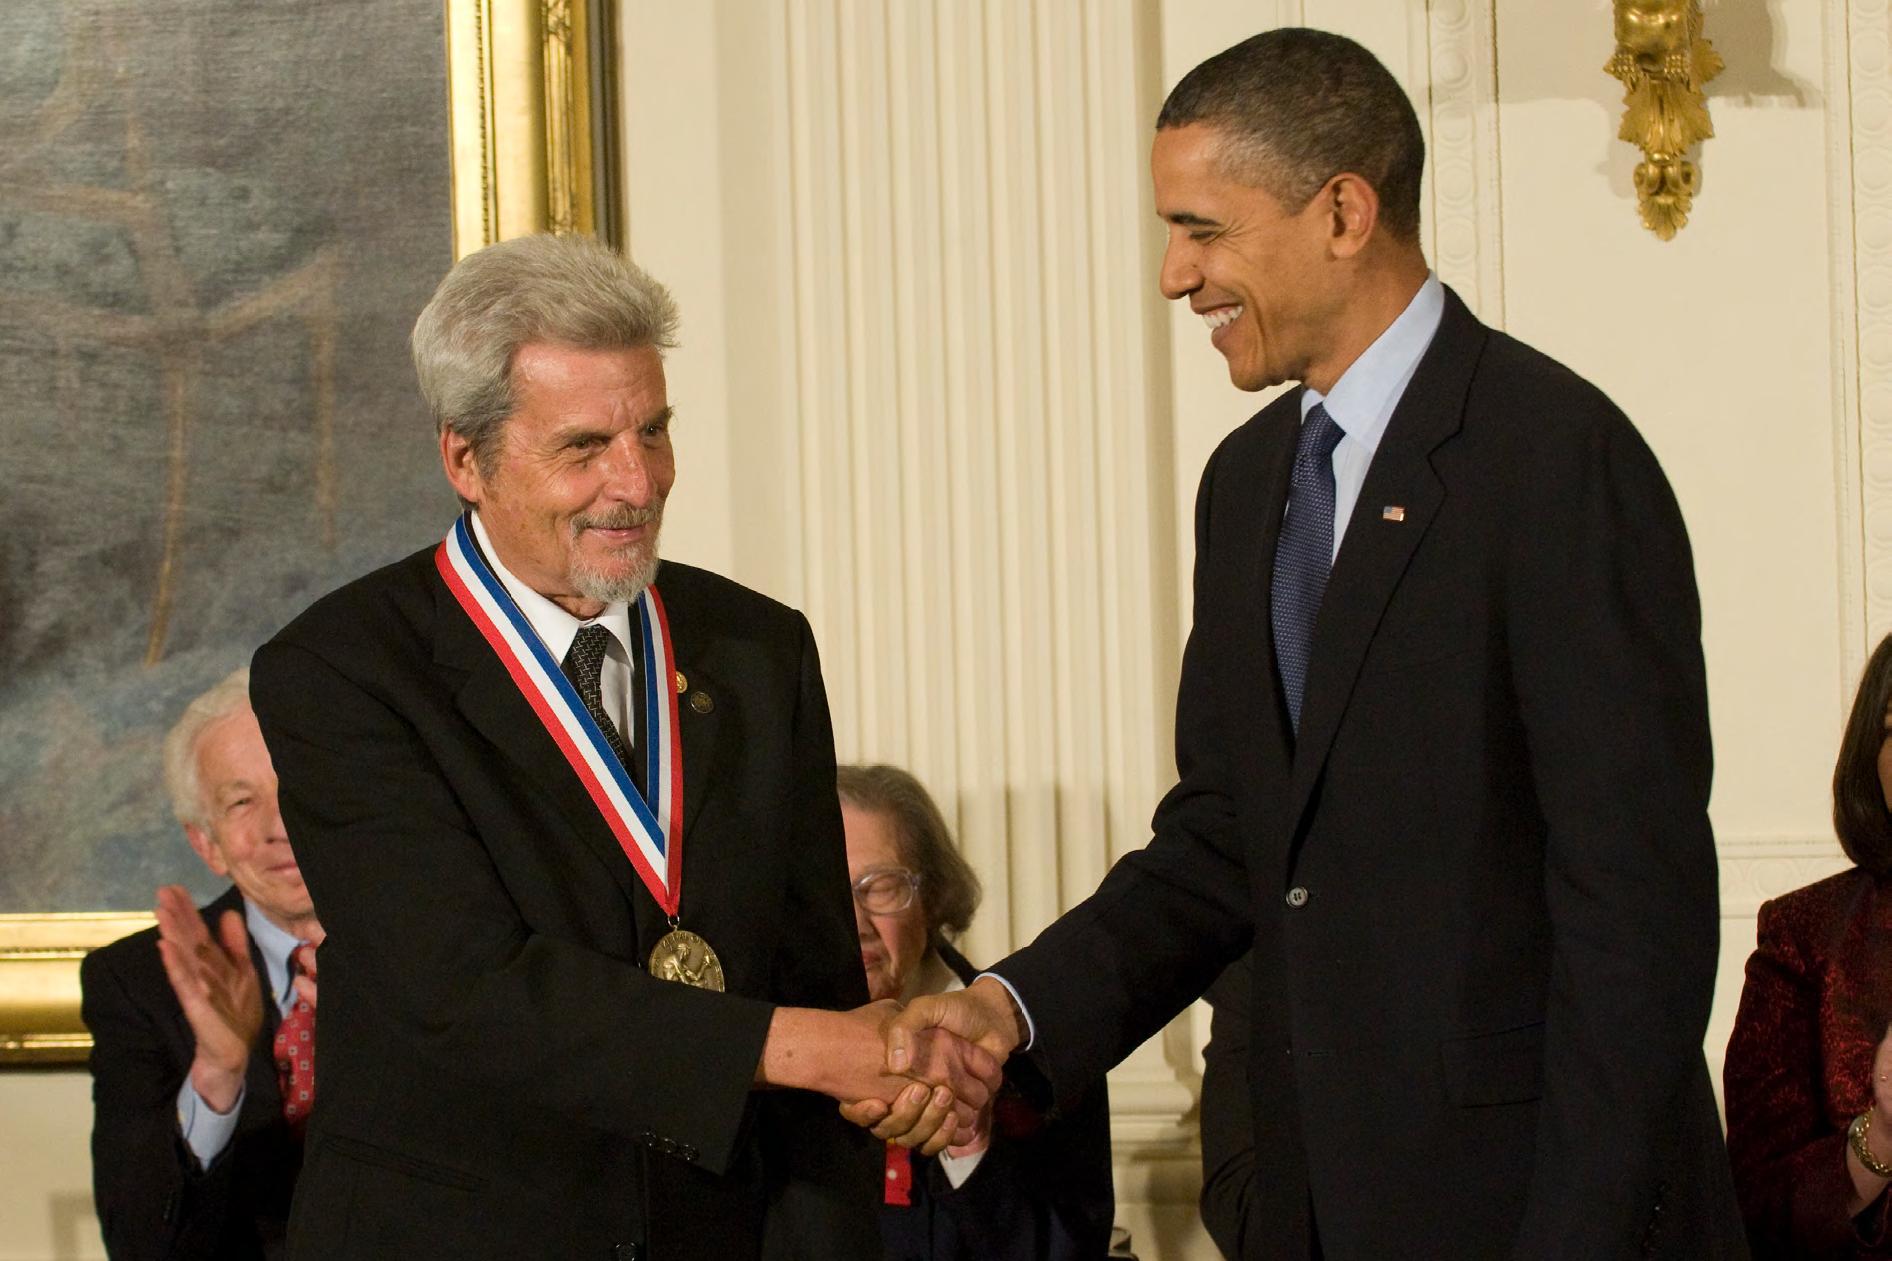 aharonov awarded b president barack obama